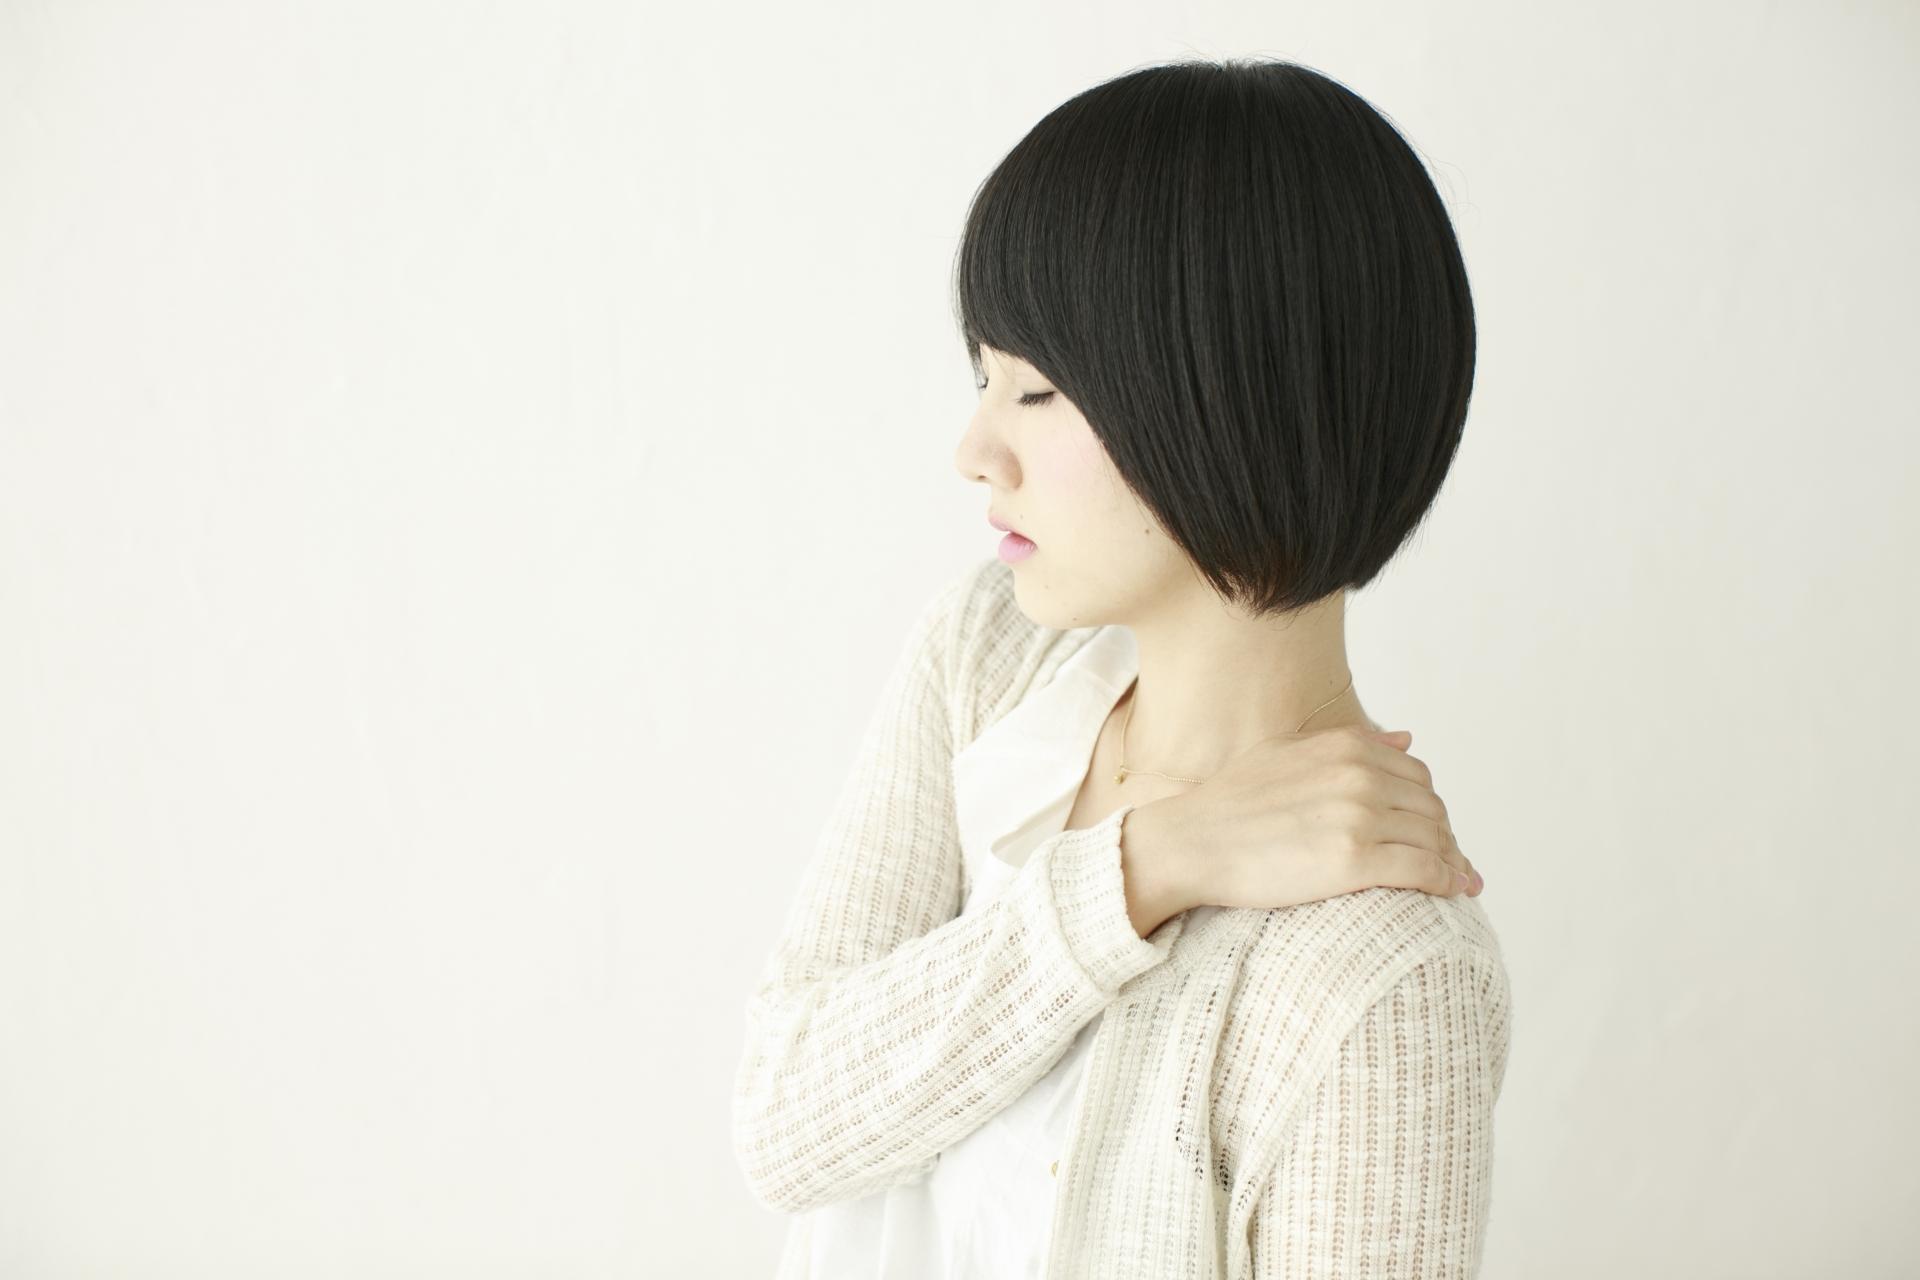 小顔への道は肩こり解消? 小顔と肩こりの関係性について